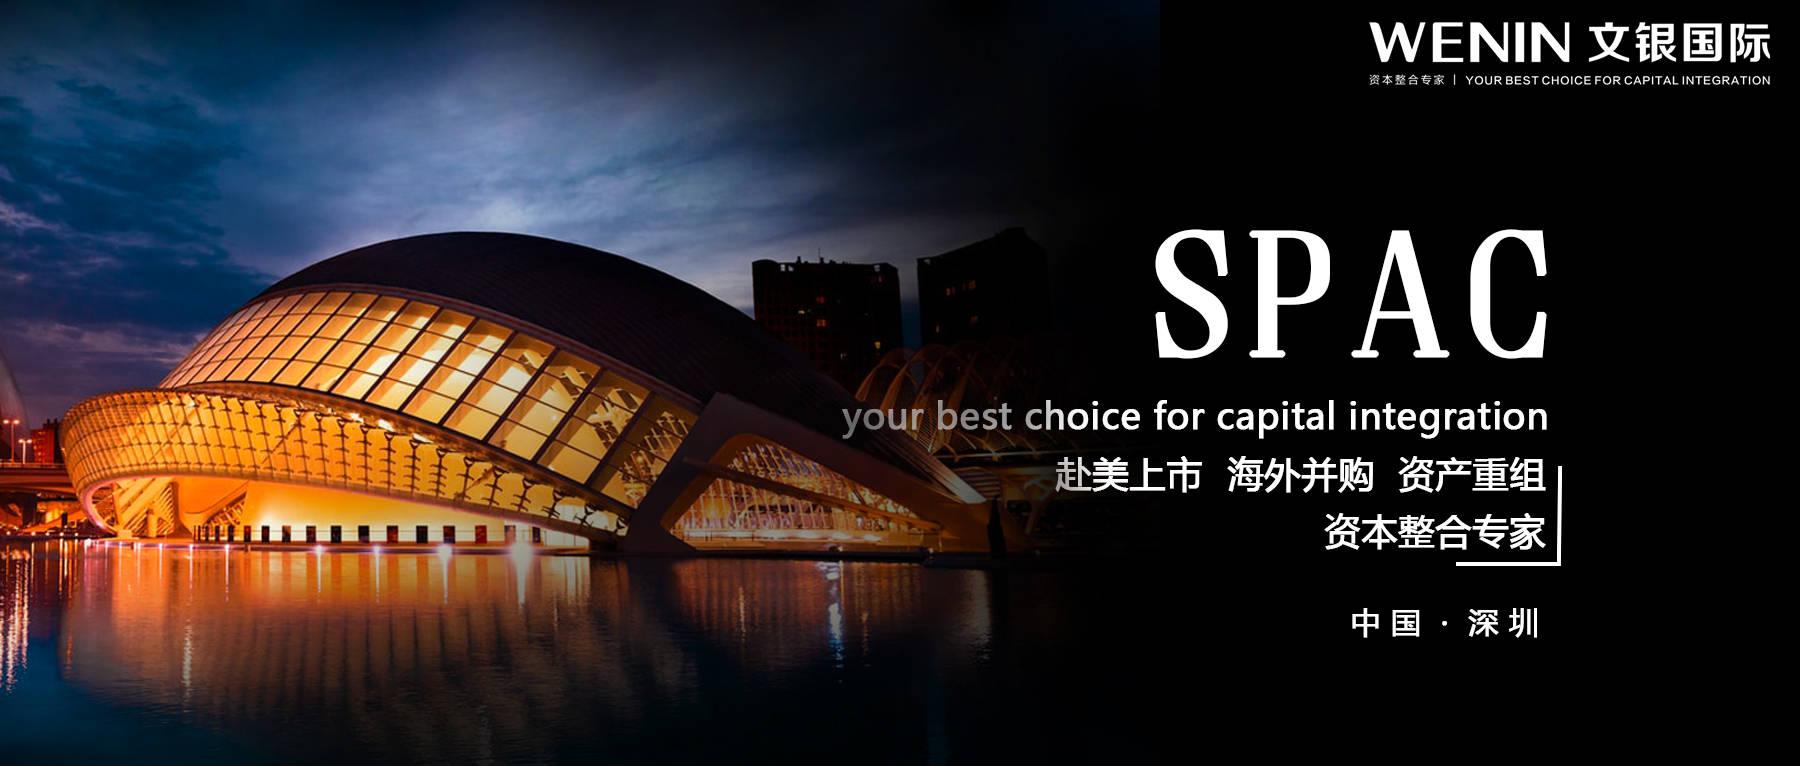 如何评估和投资SPAC(3) 第一届亚运会于哪一年举行